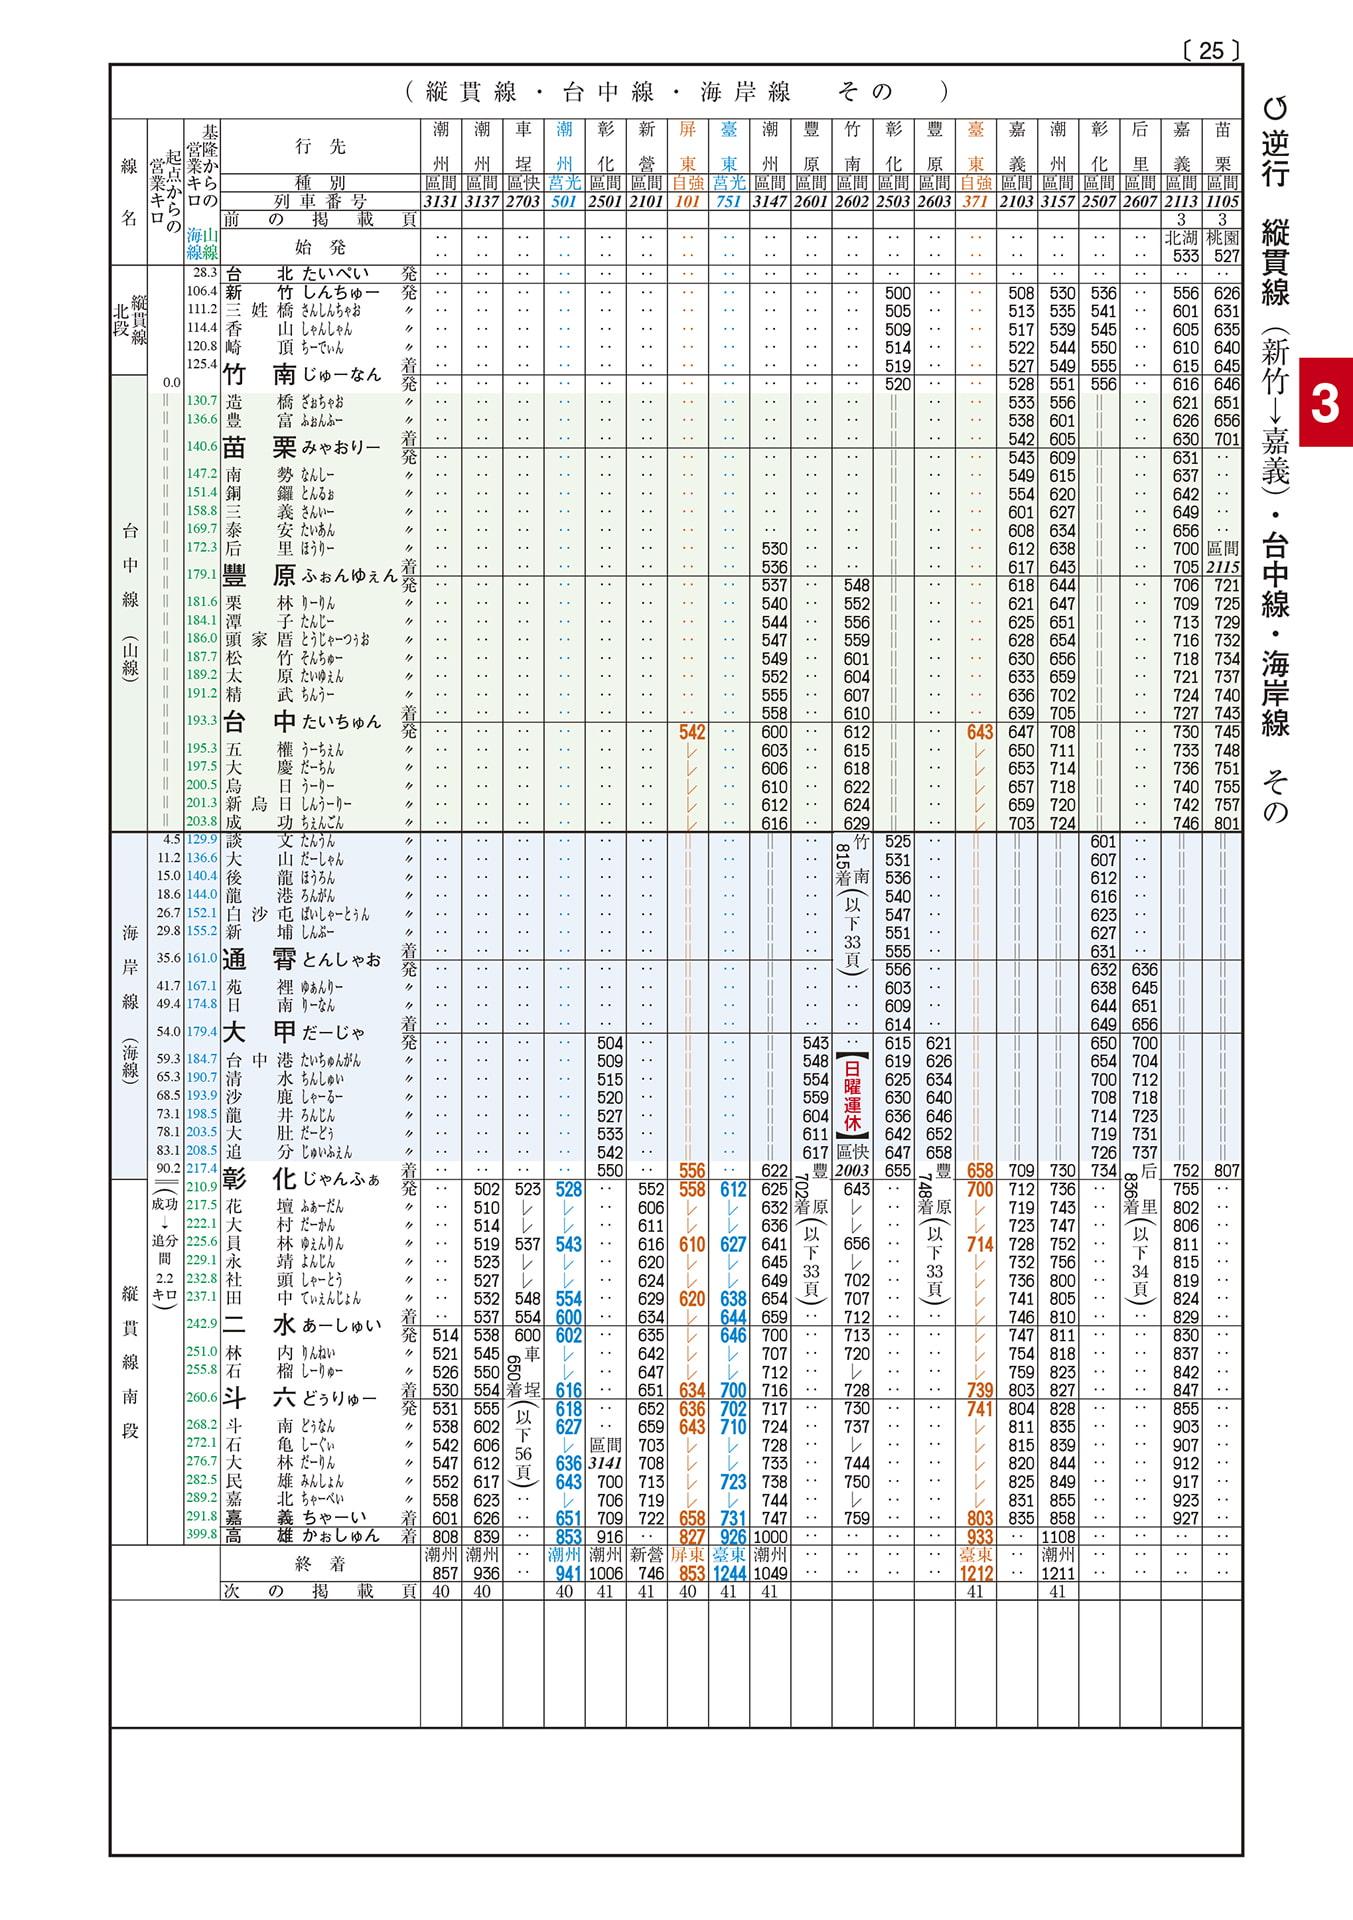 ニュー台湾時刻表2019年1月号